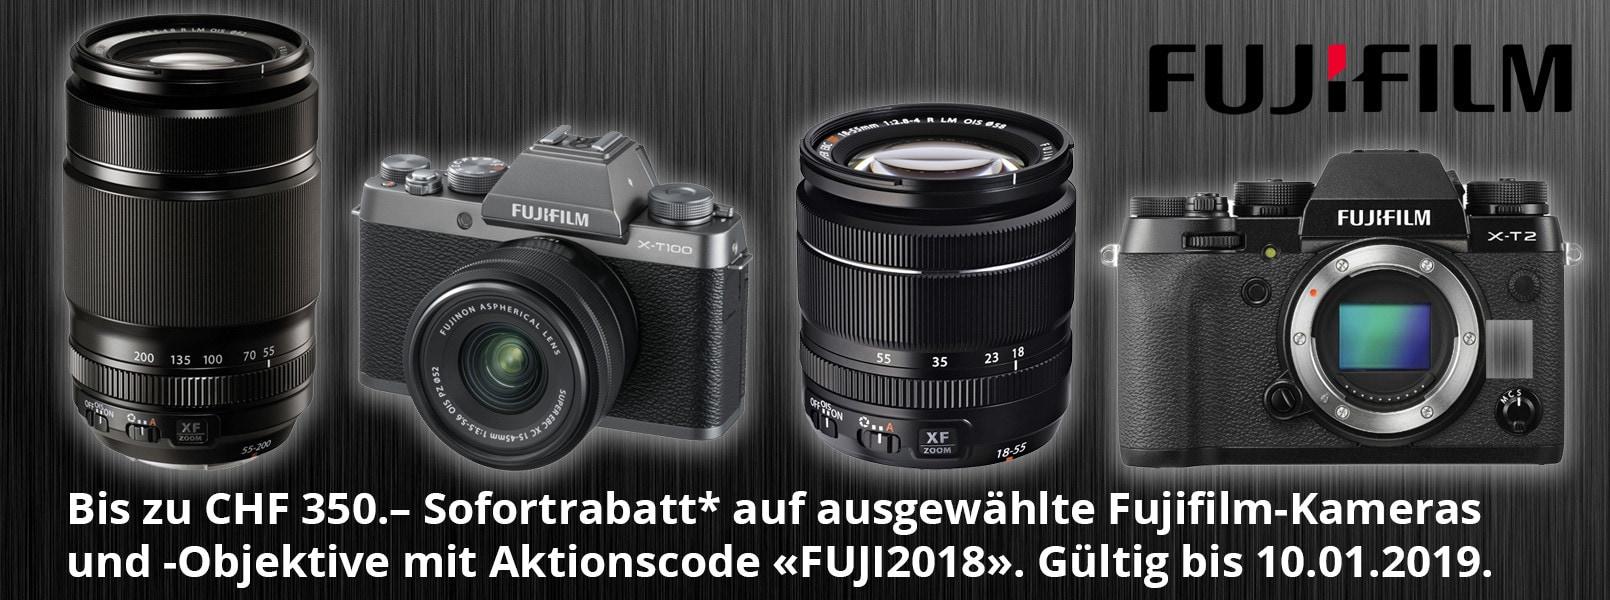 Fujifilm Promo